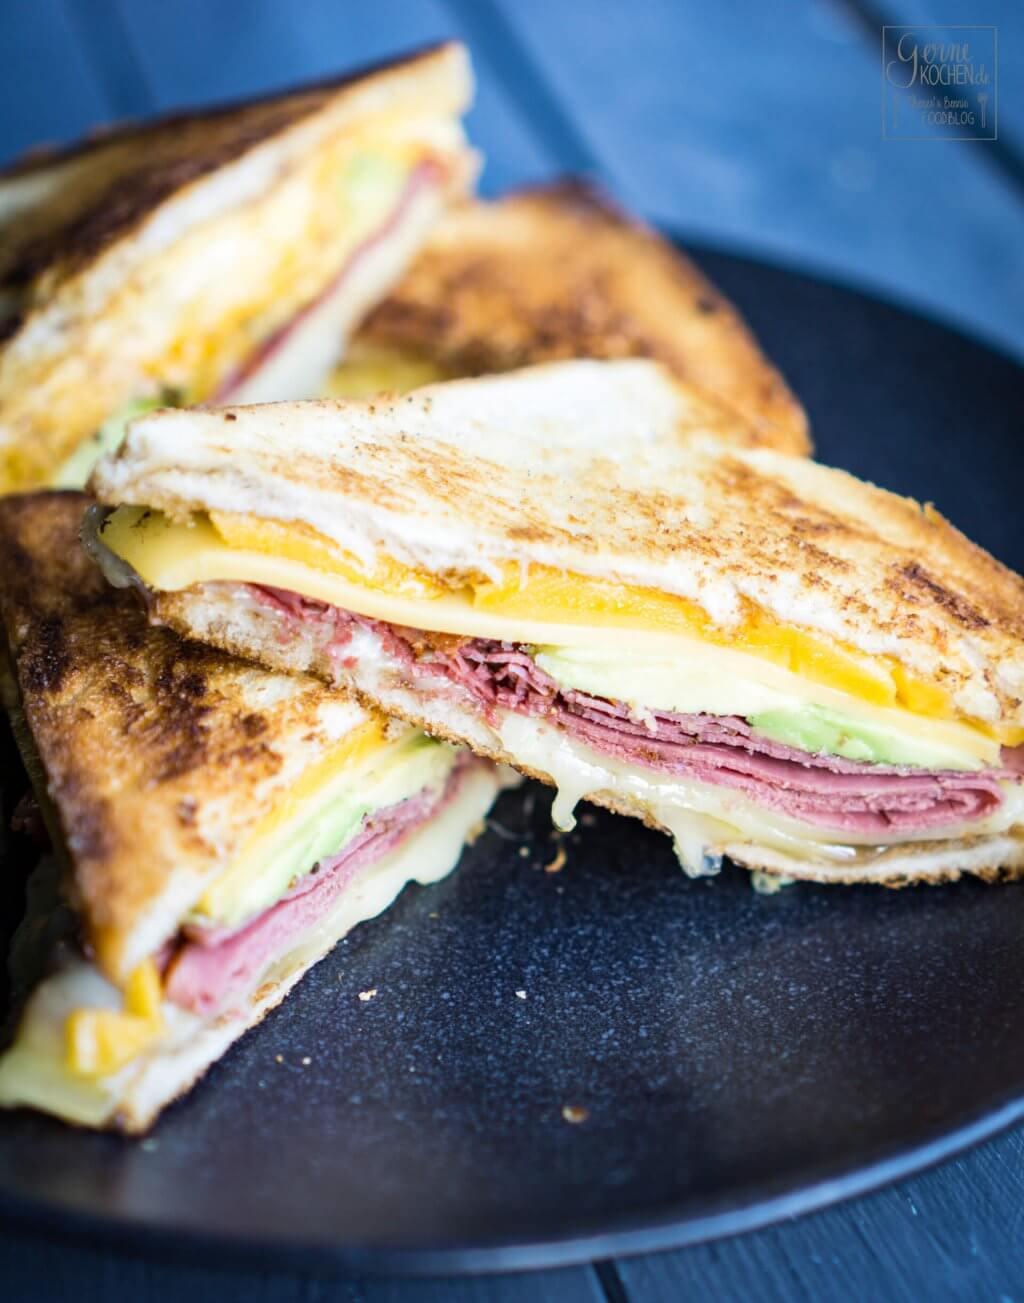 Rezept: Grilled Cheese Sandwich mit Pastrami - gernekochen.de